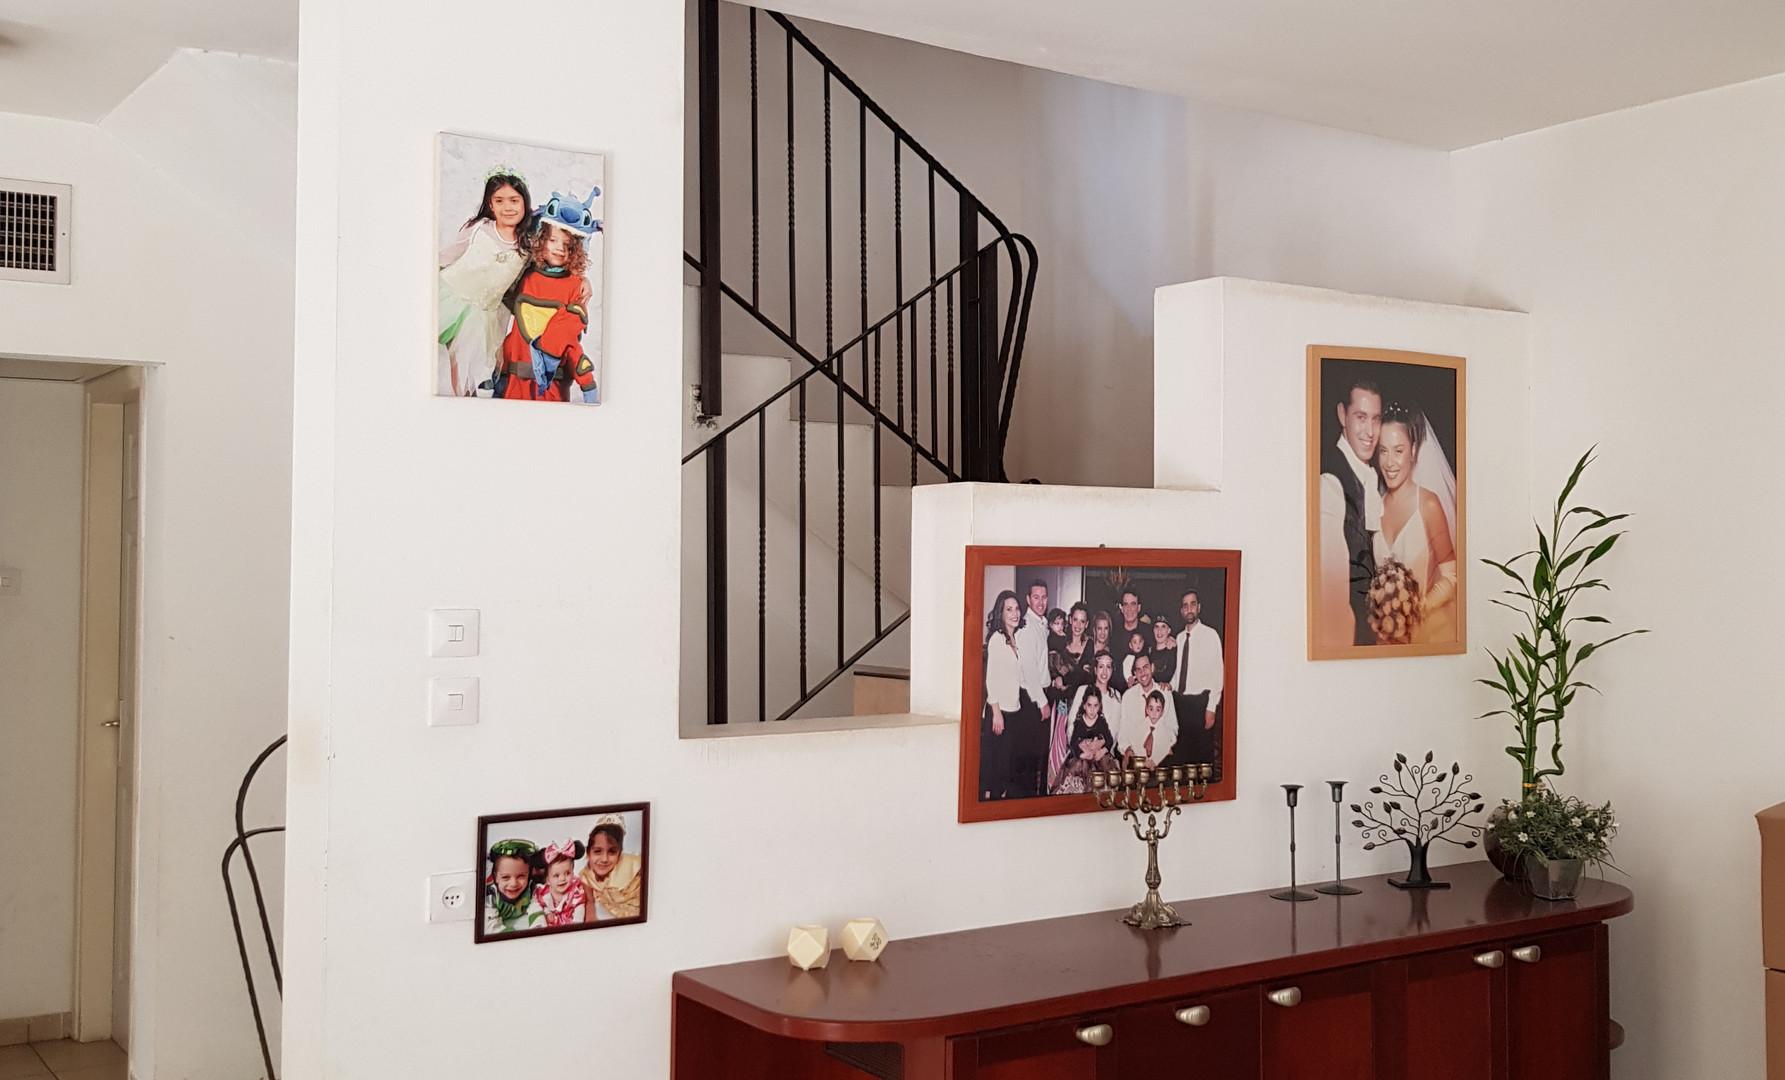 קיר מדרגות לפני